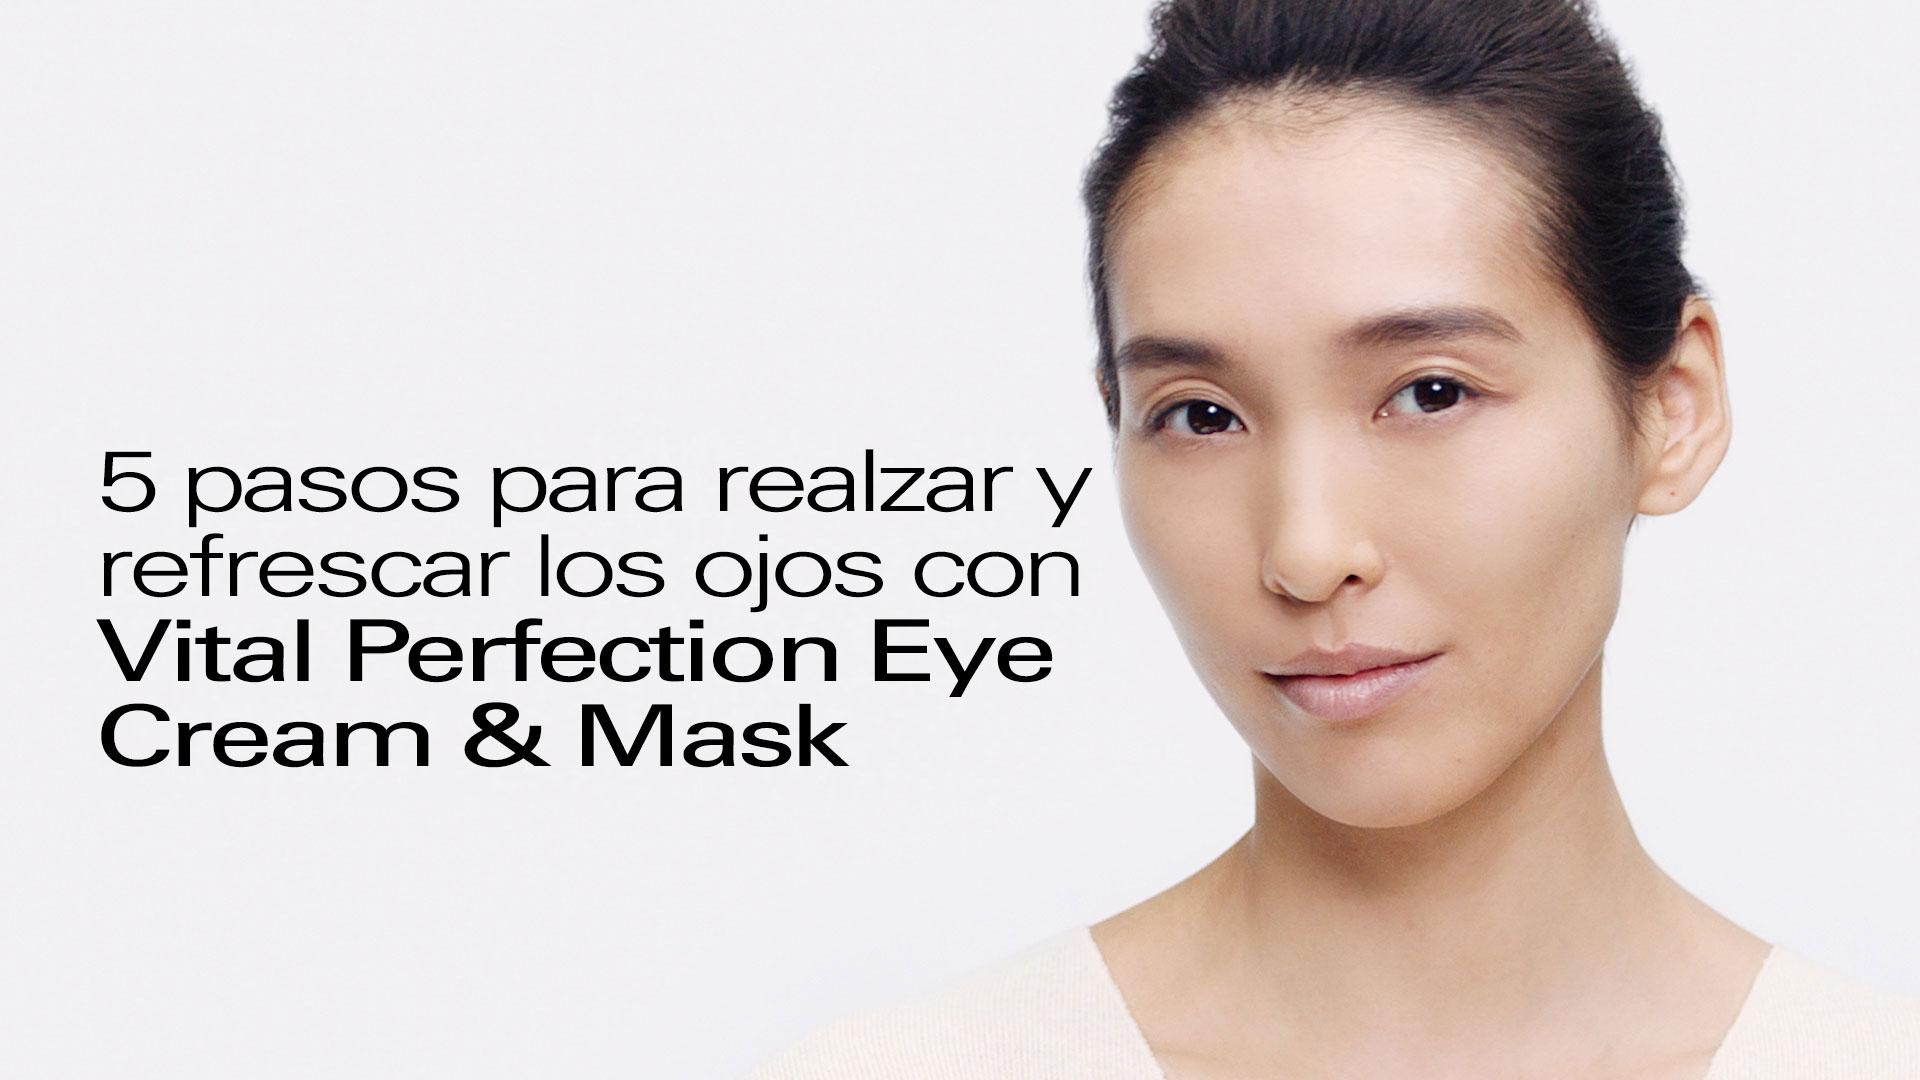 Rutina de tratamiento de los ojos Vital Perfection-Mira ahora